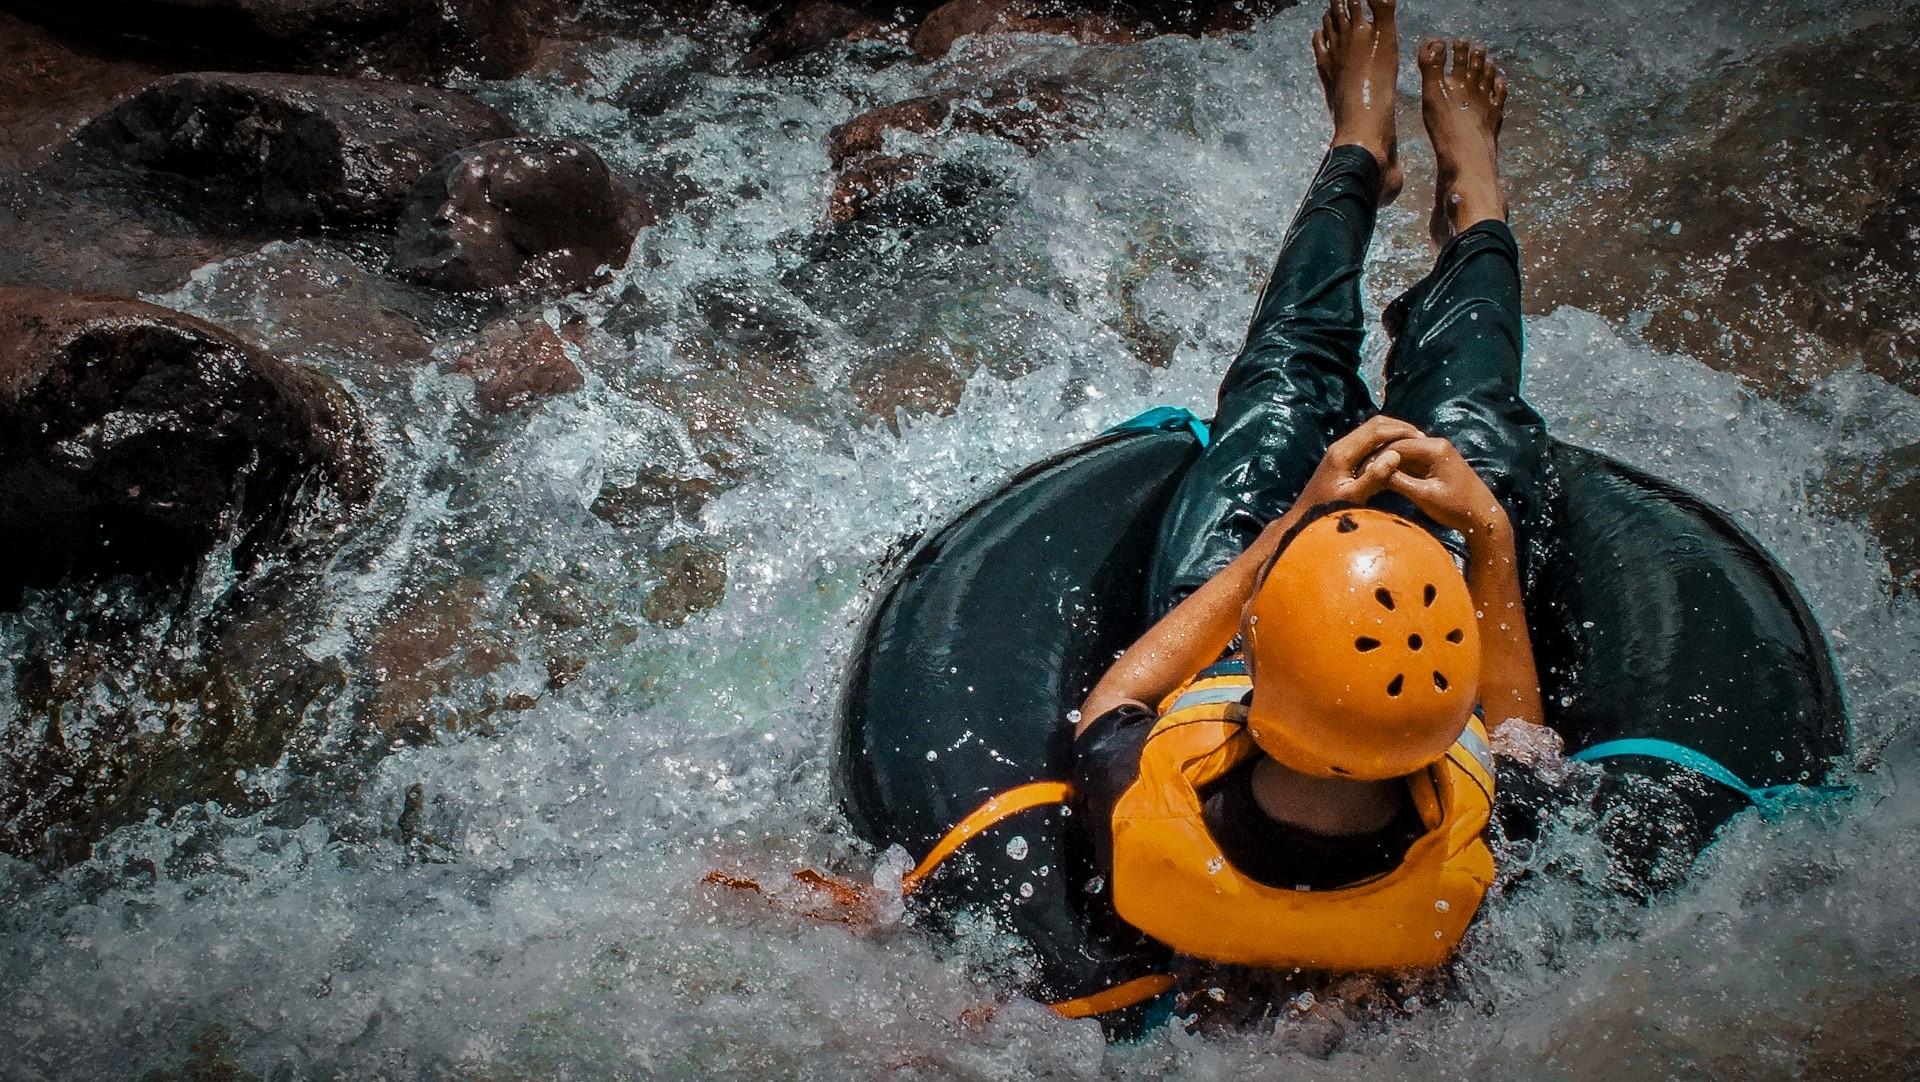 Οι best of προορισμοί στην Ελλάδα για extreme sports